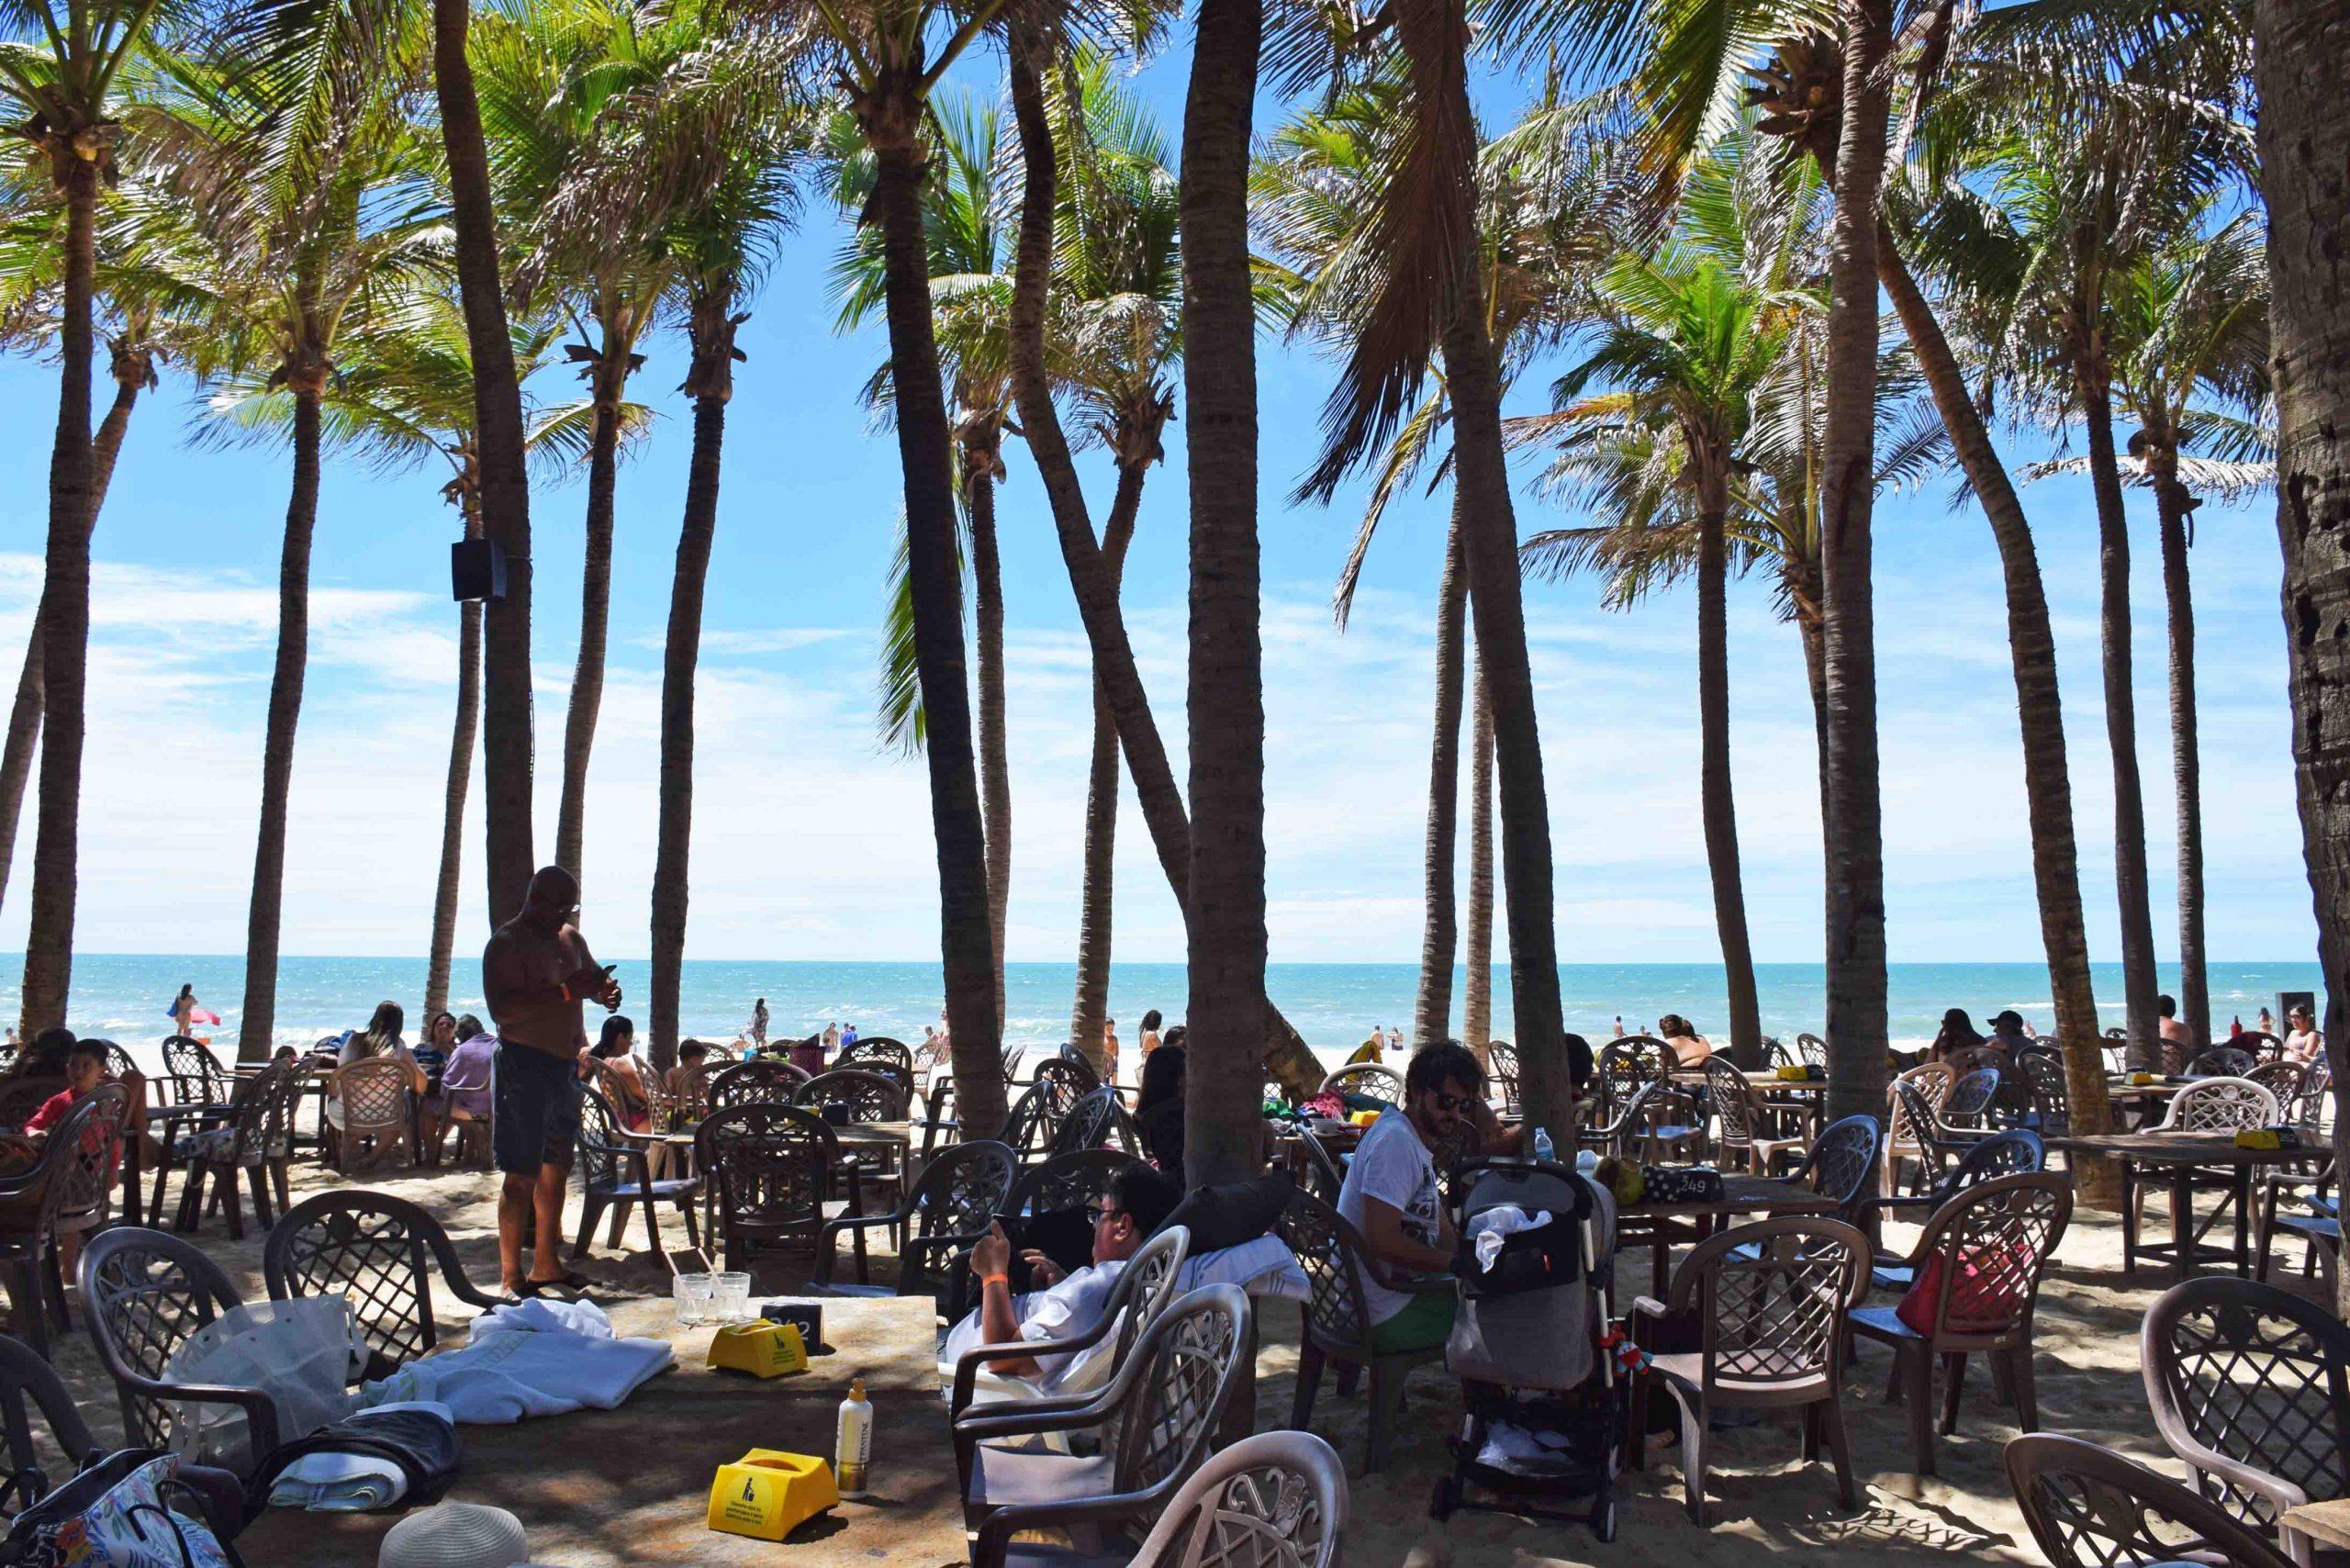 Restaurante de Praia do Beach Park divulga novo horário de funcionamento no fim de semana